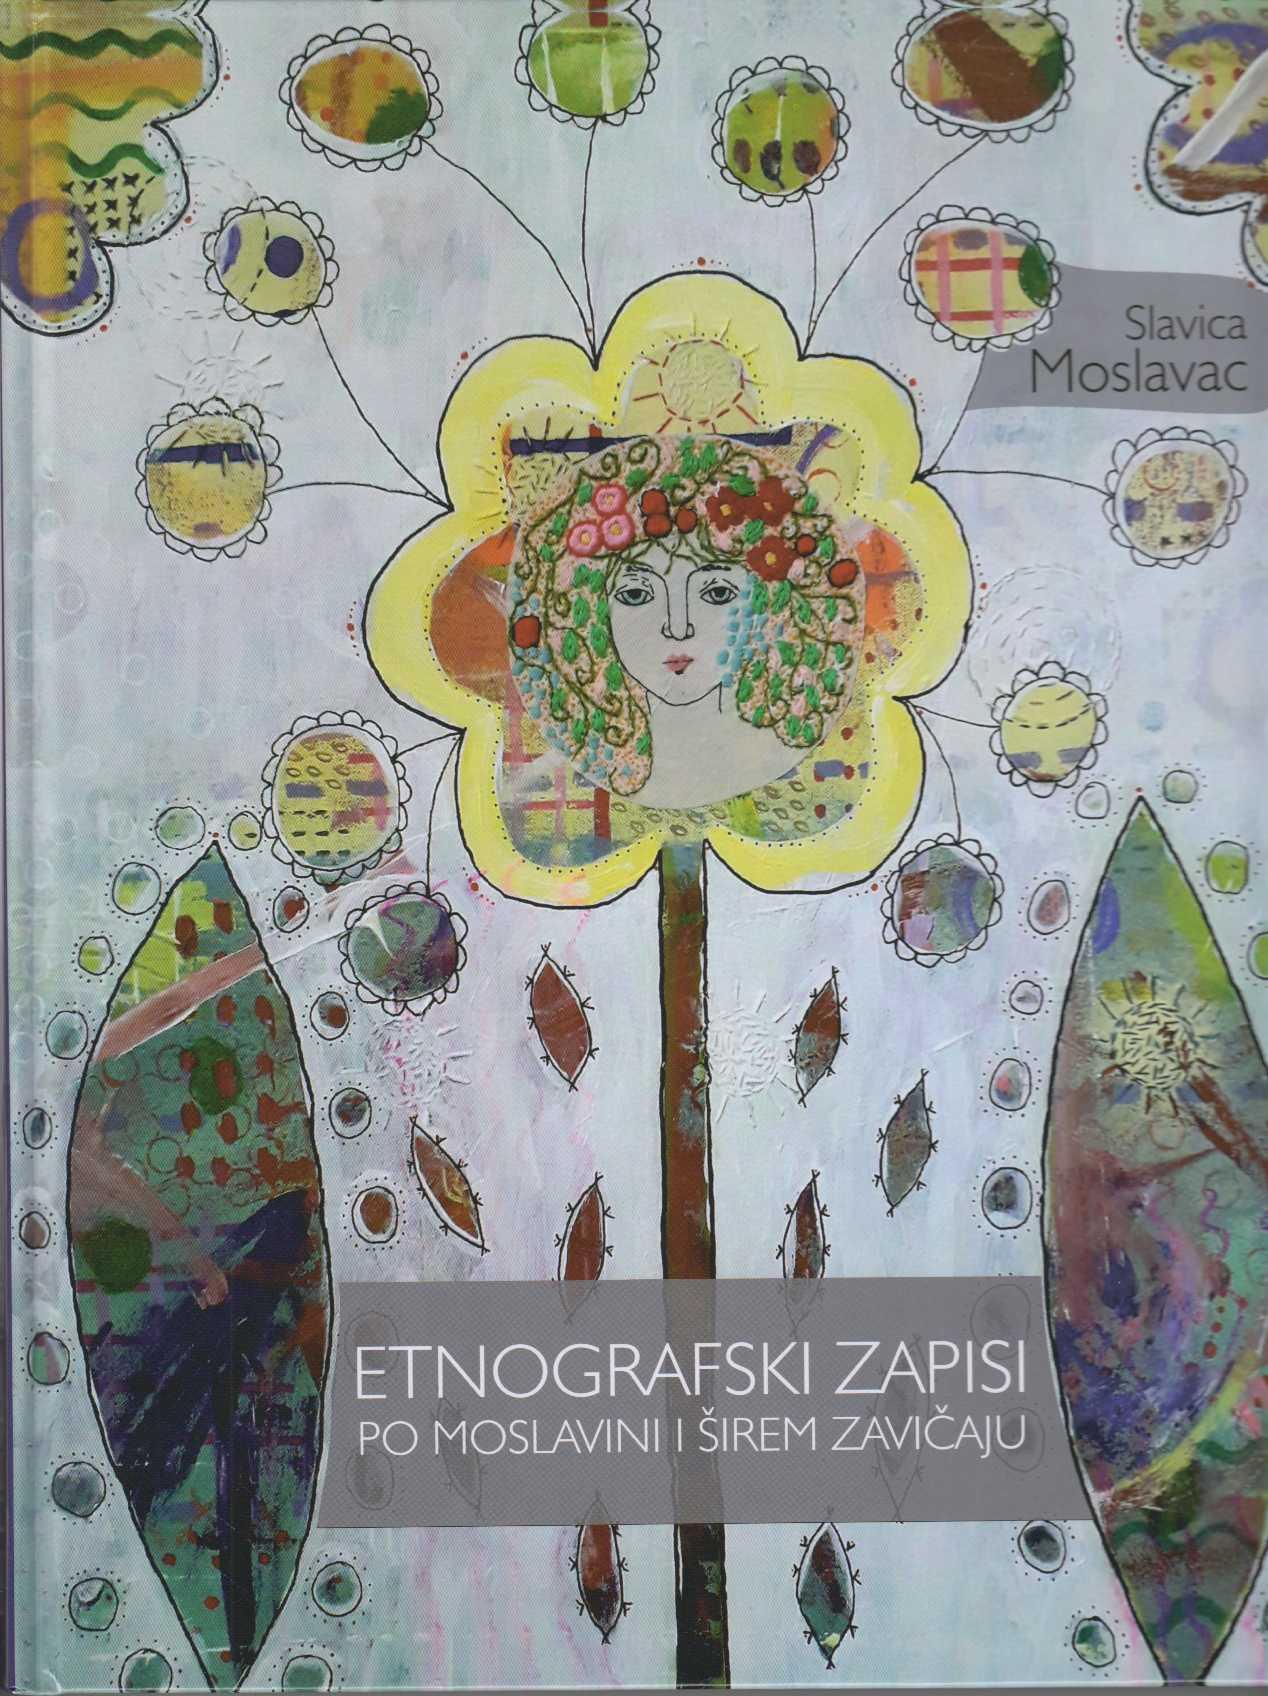 Etnografski zapisi po Moslavini i širem zavičaju